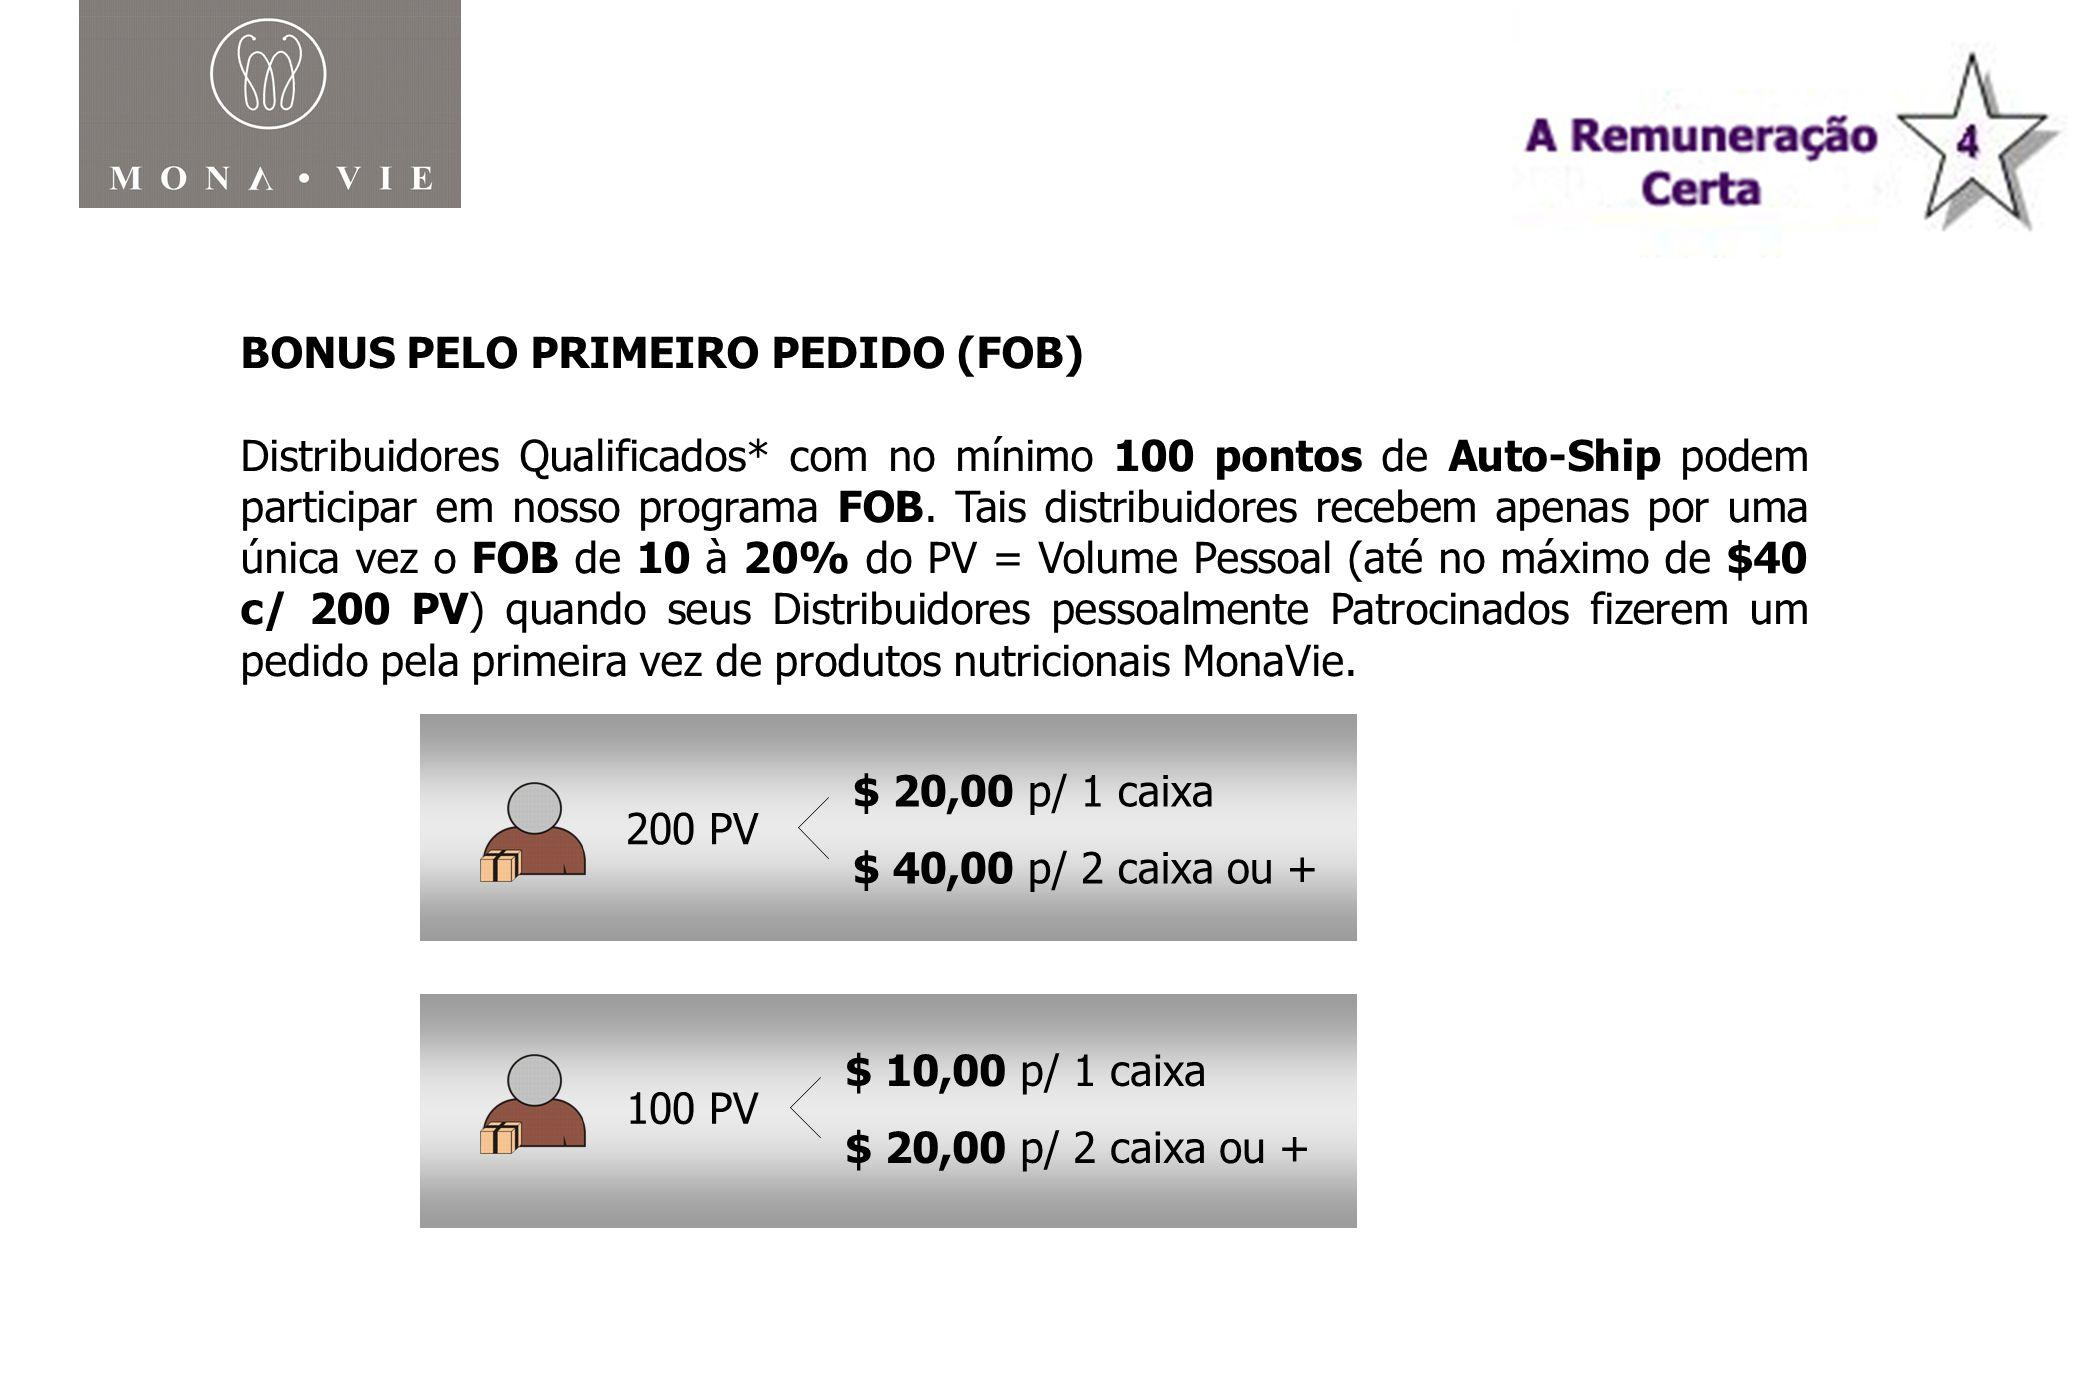 BONUS PELO PRIMEIRO PEDIDO (FOB) Distribuidores Qualificados* com no mínimo 100 pontos de Auto-Ship podem participar em nosso programa FOB. Tais distr